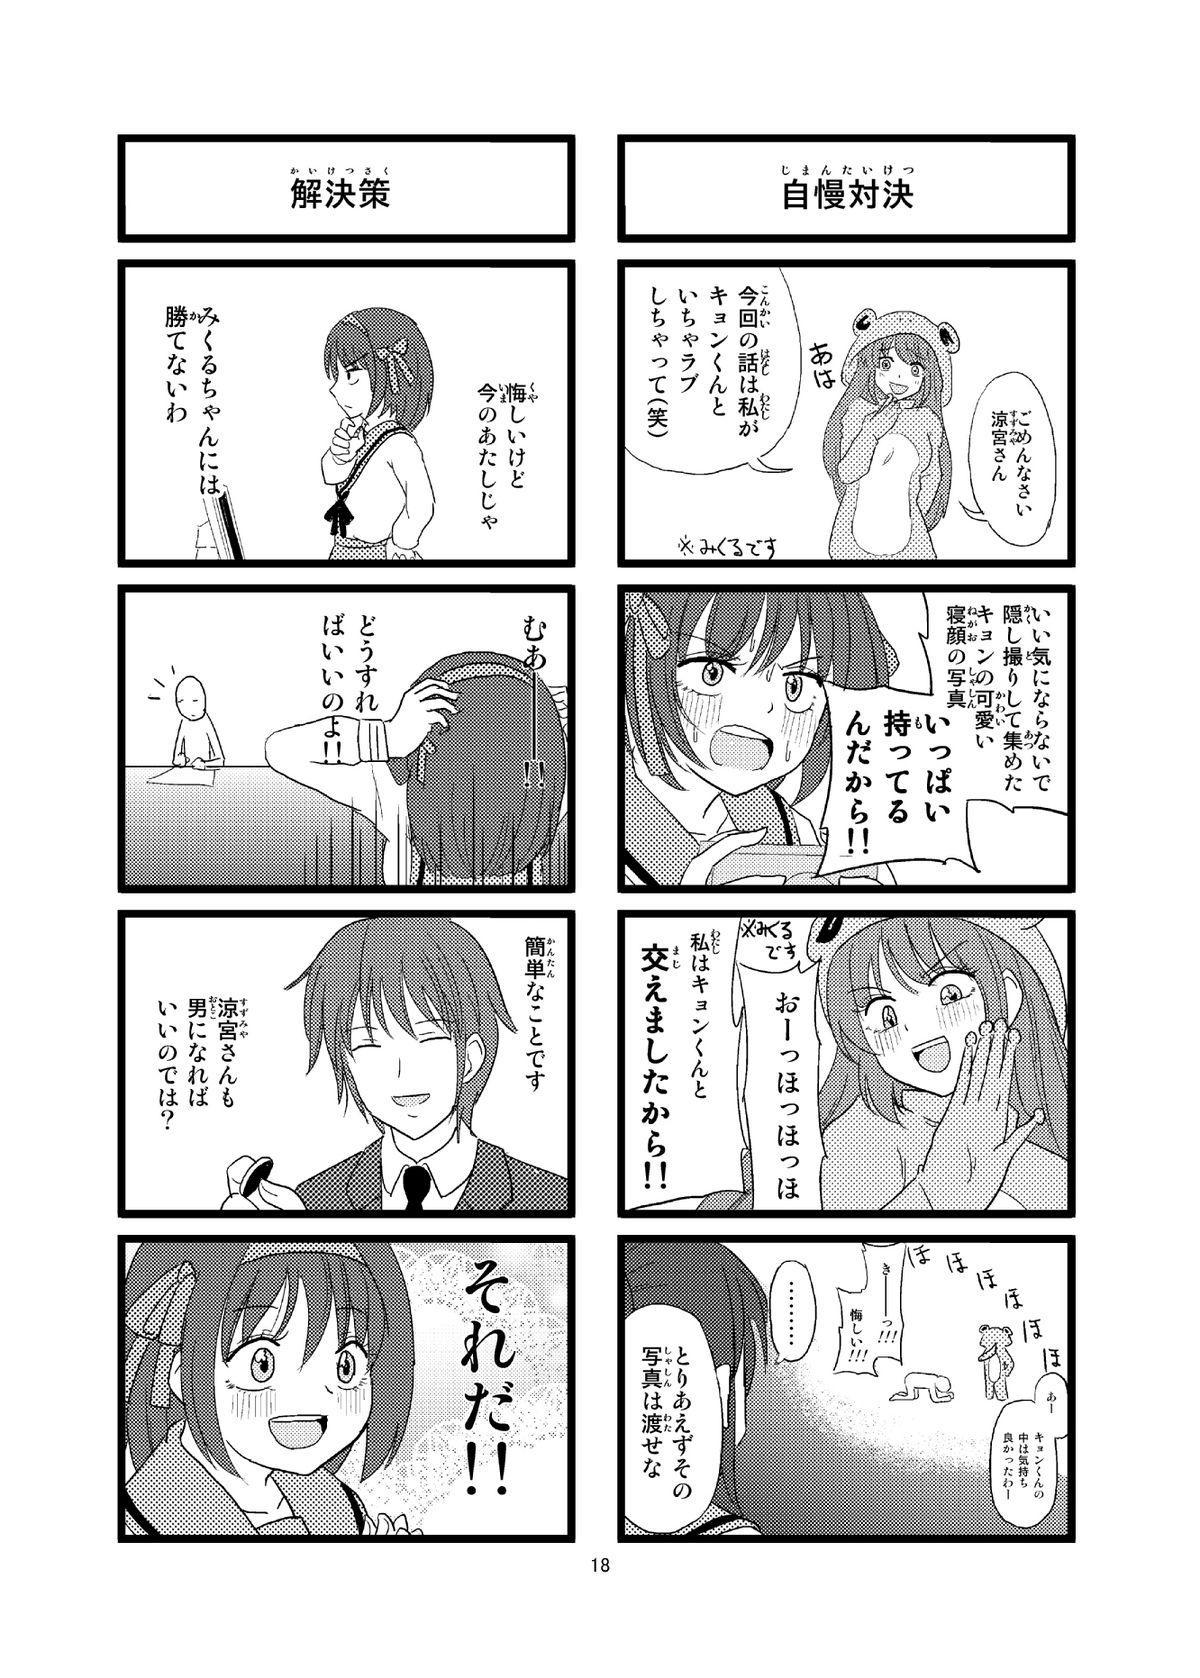 Hajimete 18